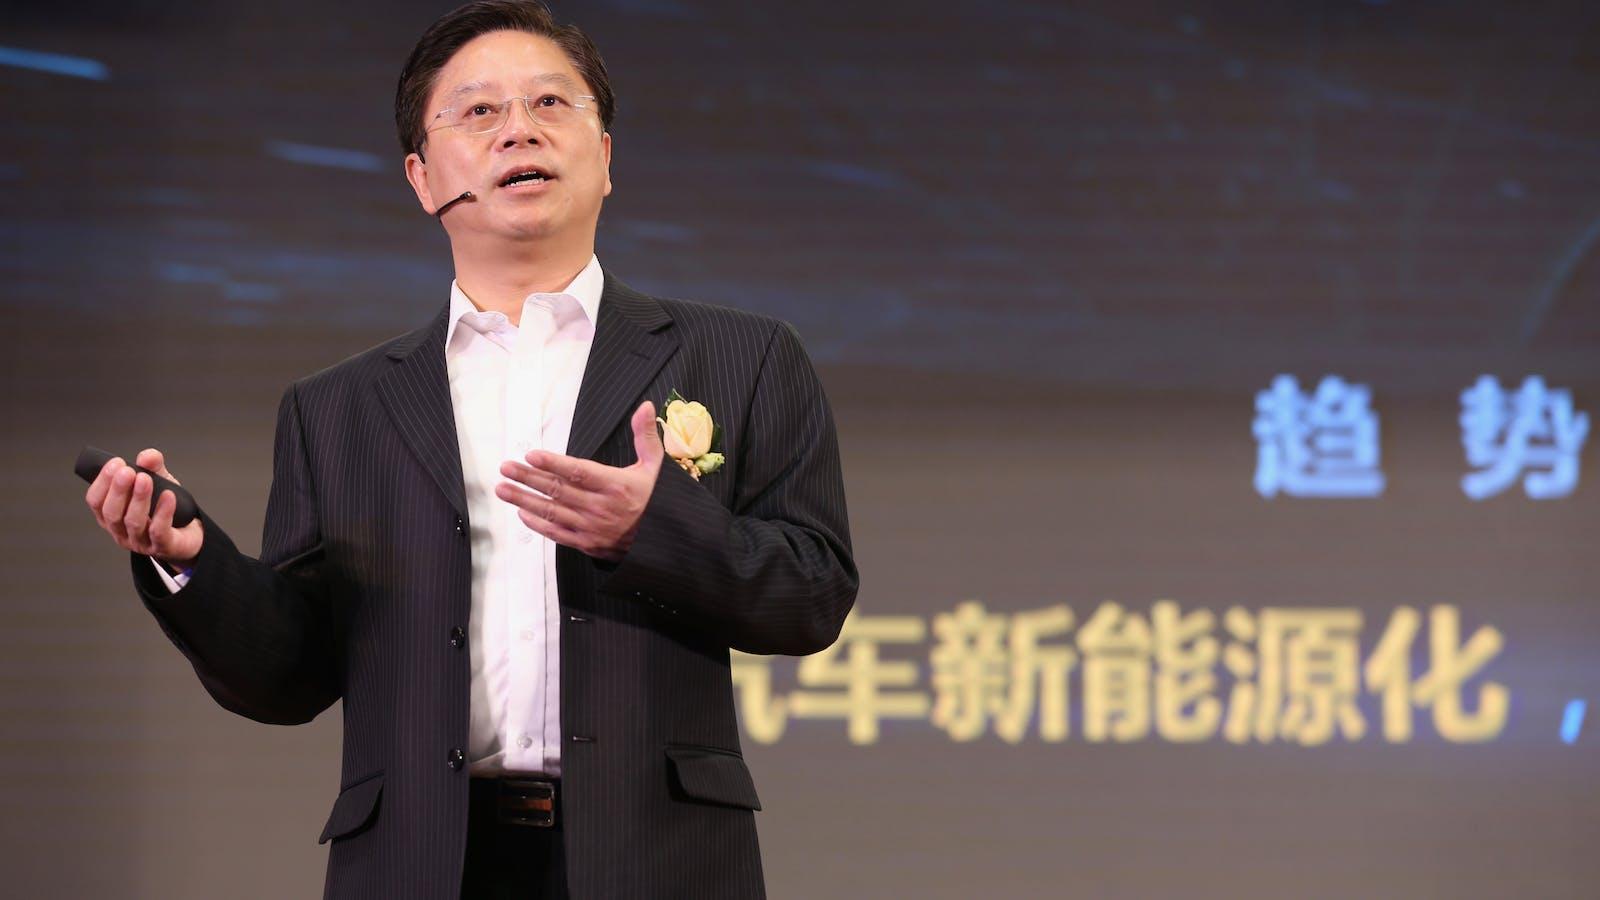 Jing Wang, head of Baidu's self driving car software unit. Photo by Baidu.